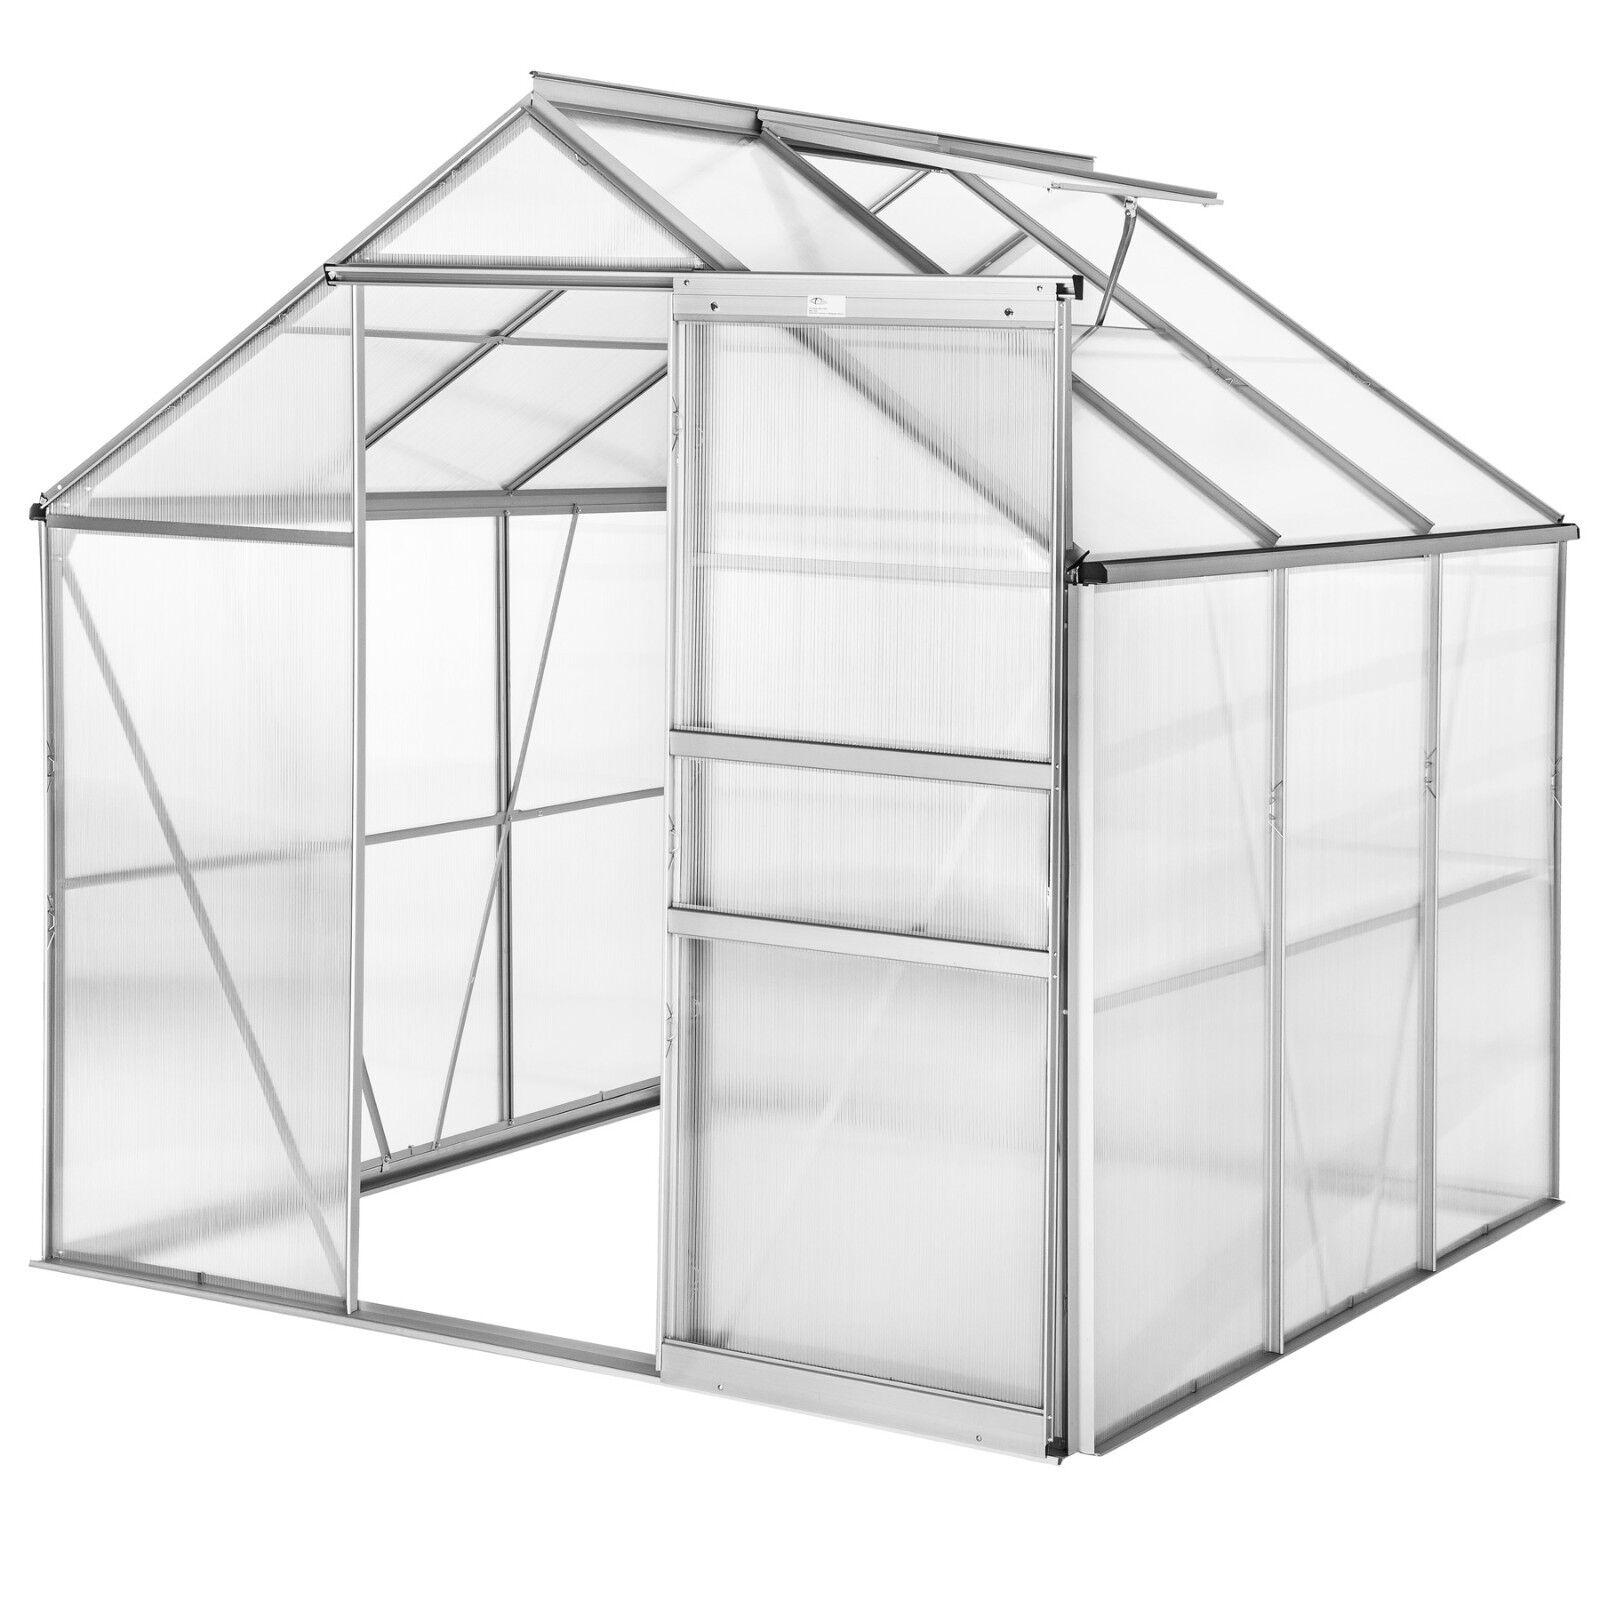 Grünhouse polycarbonate aluminium grow plants growhouse garden structure 5.85m³